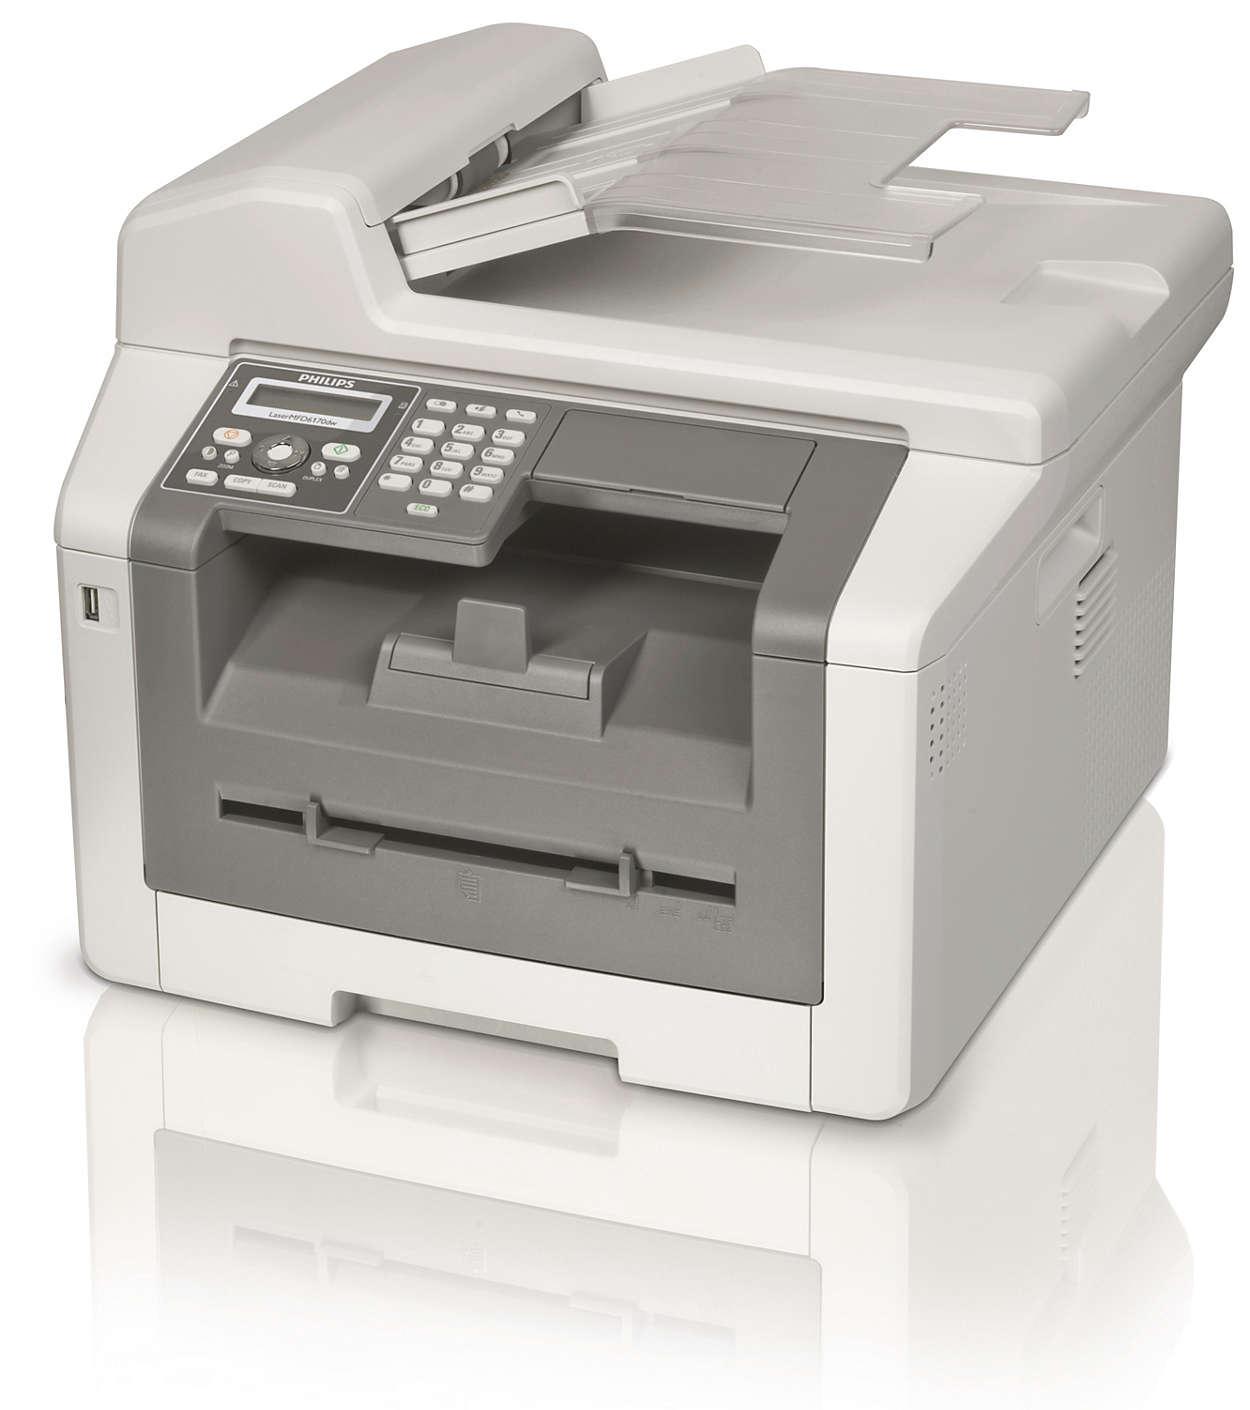 Fax, WLAN, copia e impresión con doble potencia láser